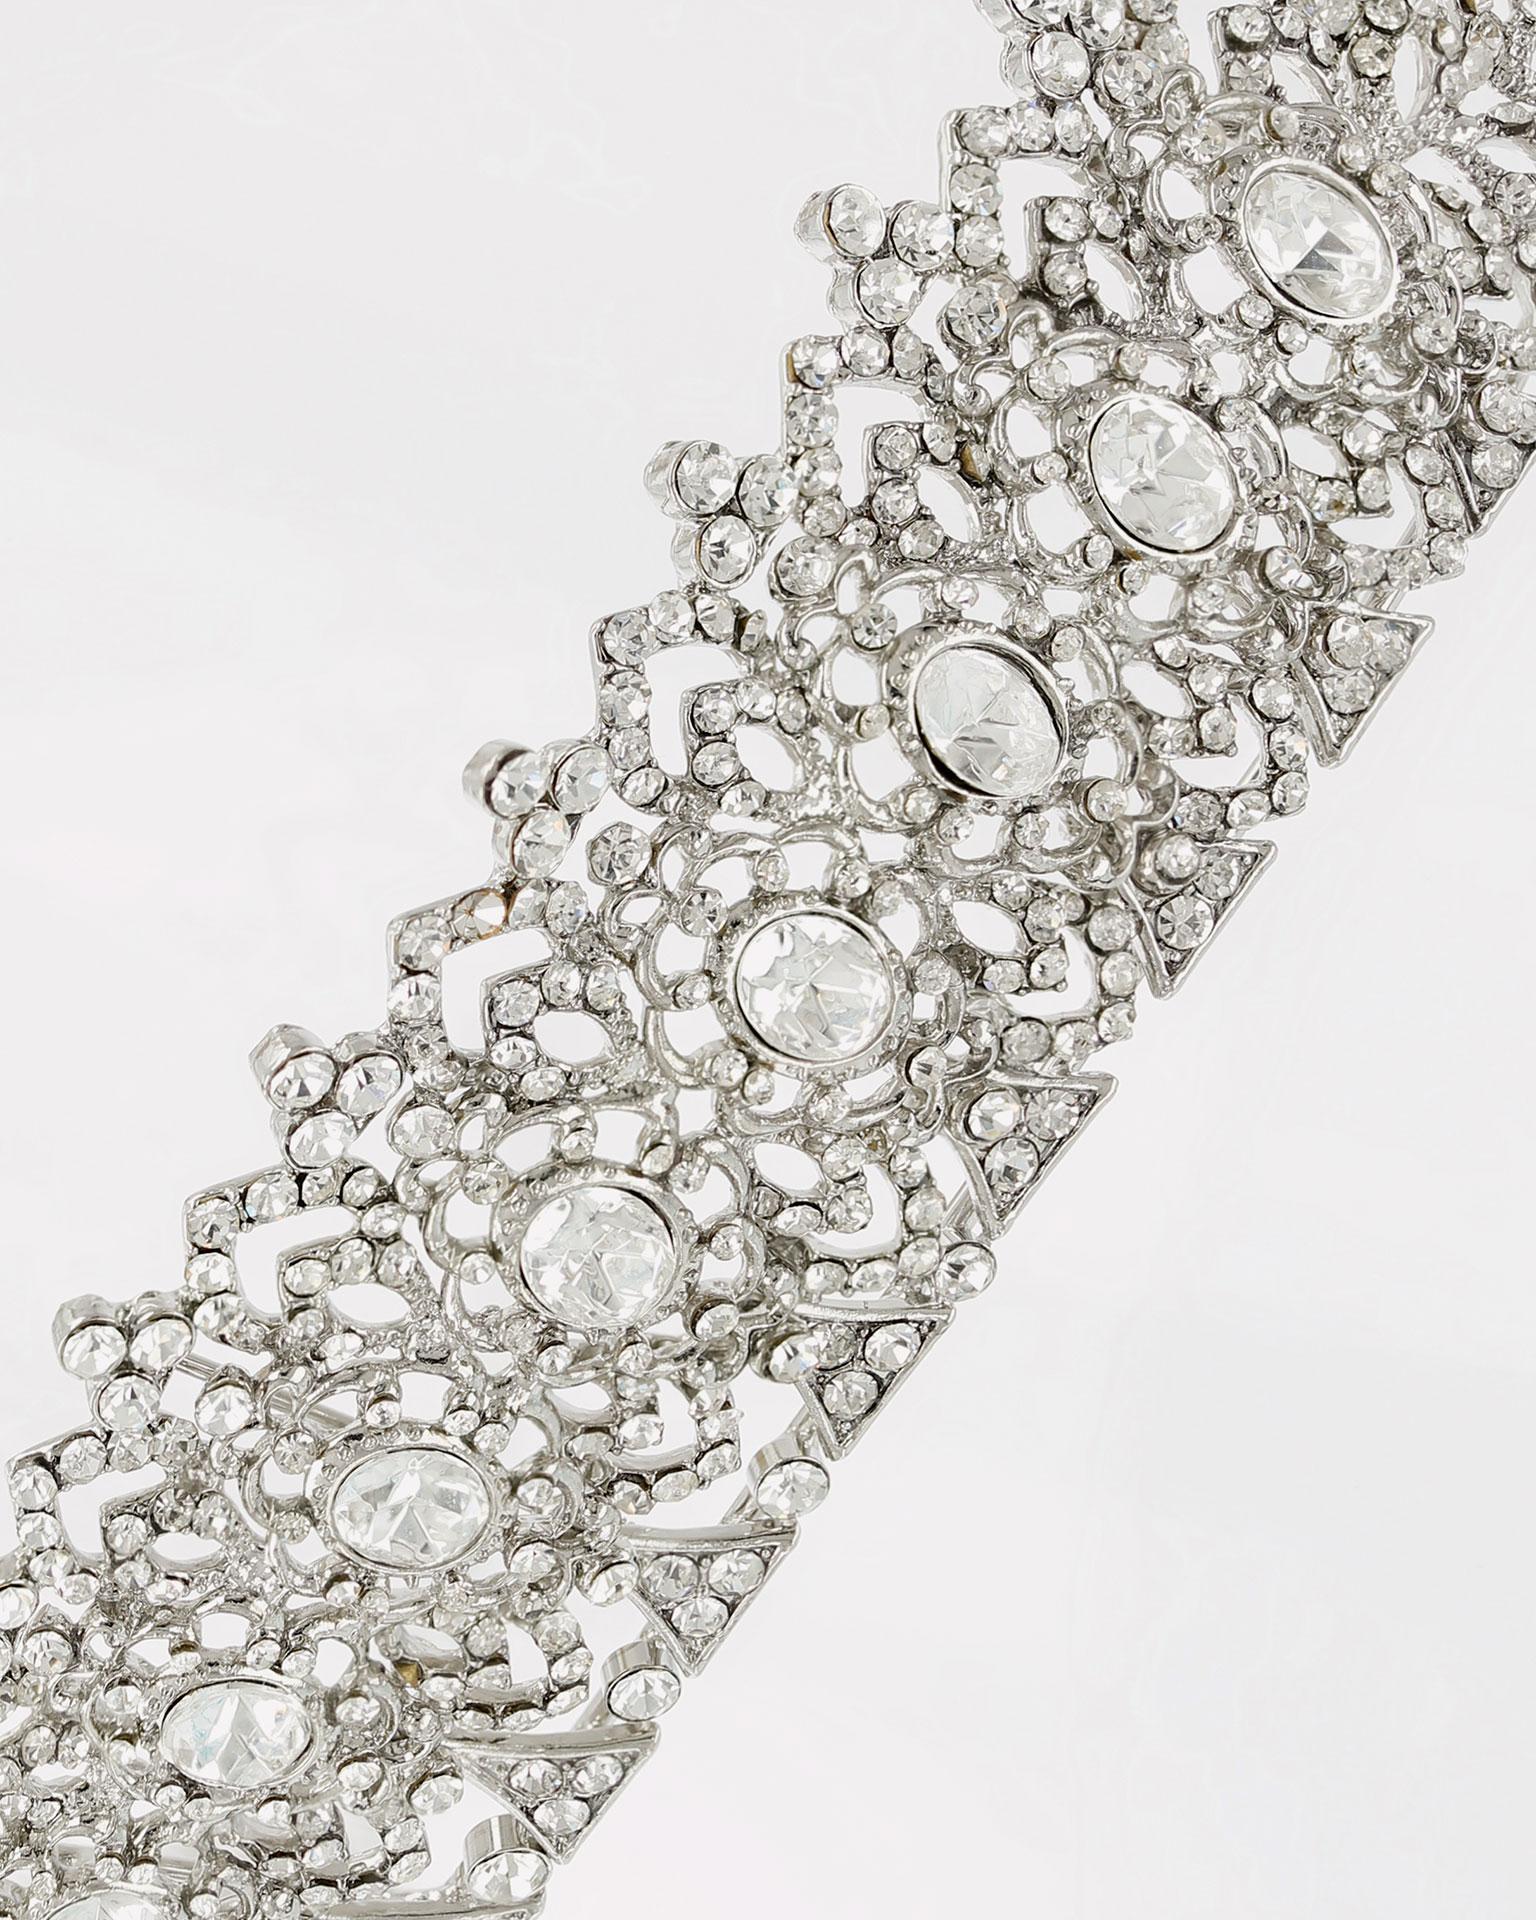 Corona de novia en cristal y metal. Disponible en color plata. Colección MARTHA_BLANC 2019.